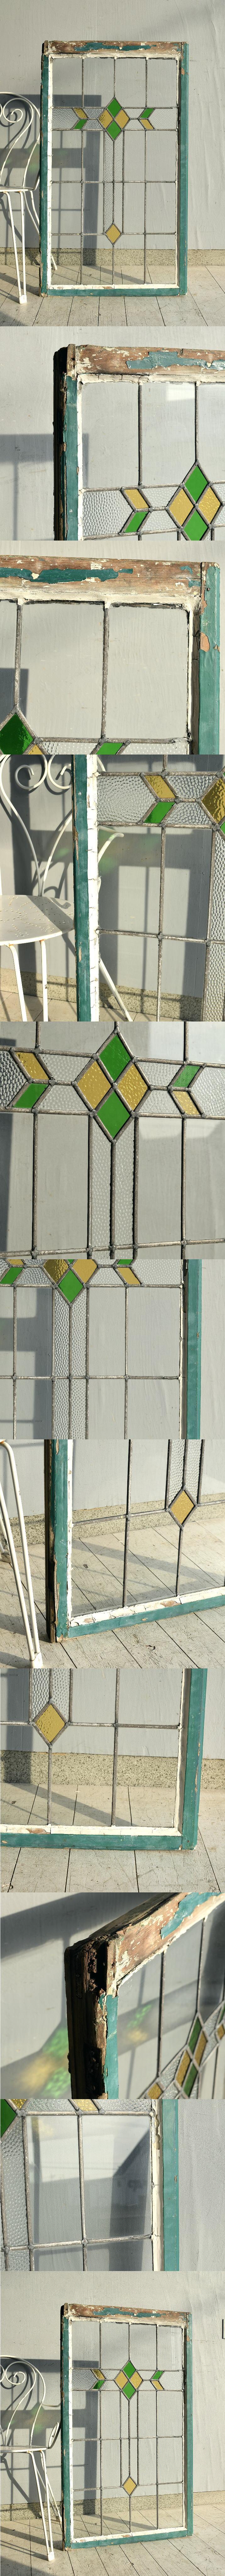 イギリス アンティーク ステンドグラス 窓 7648